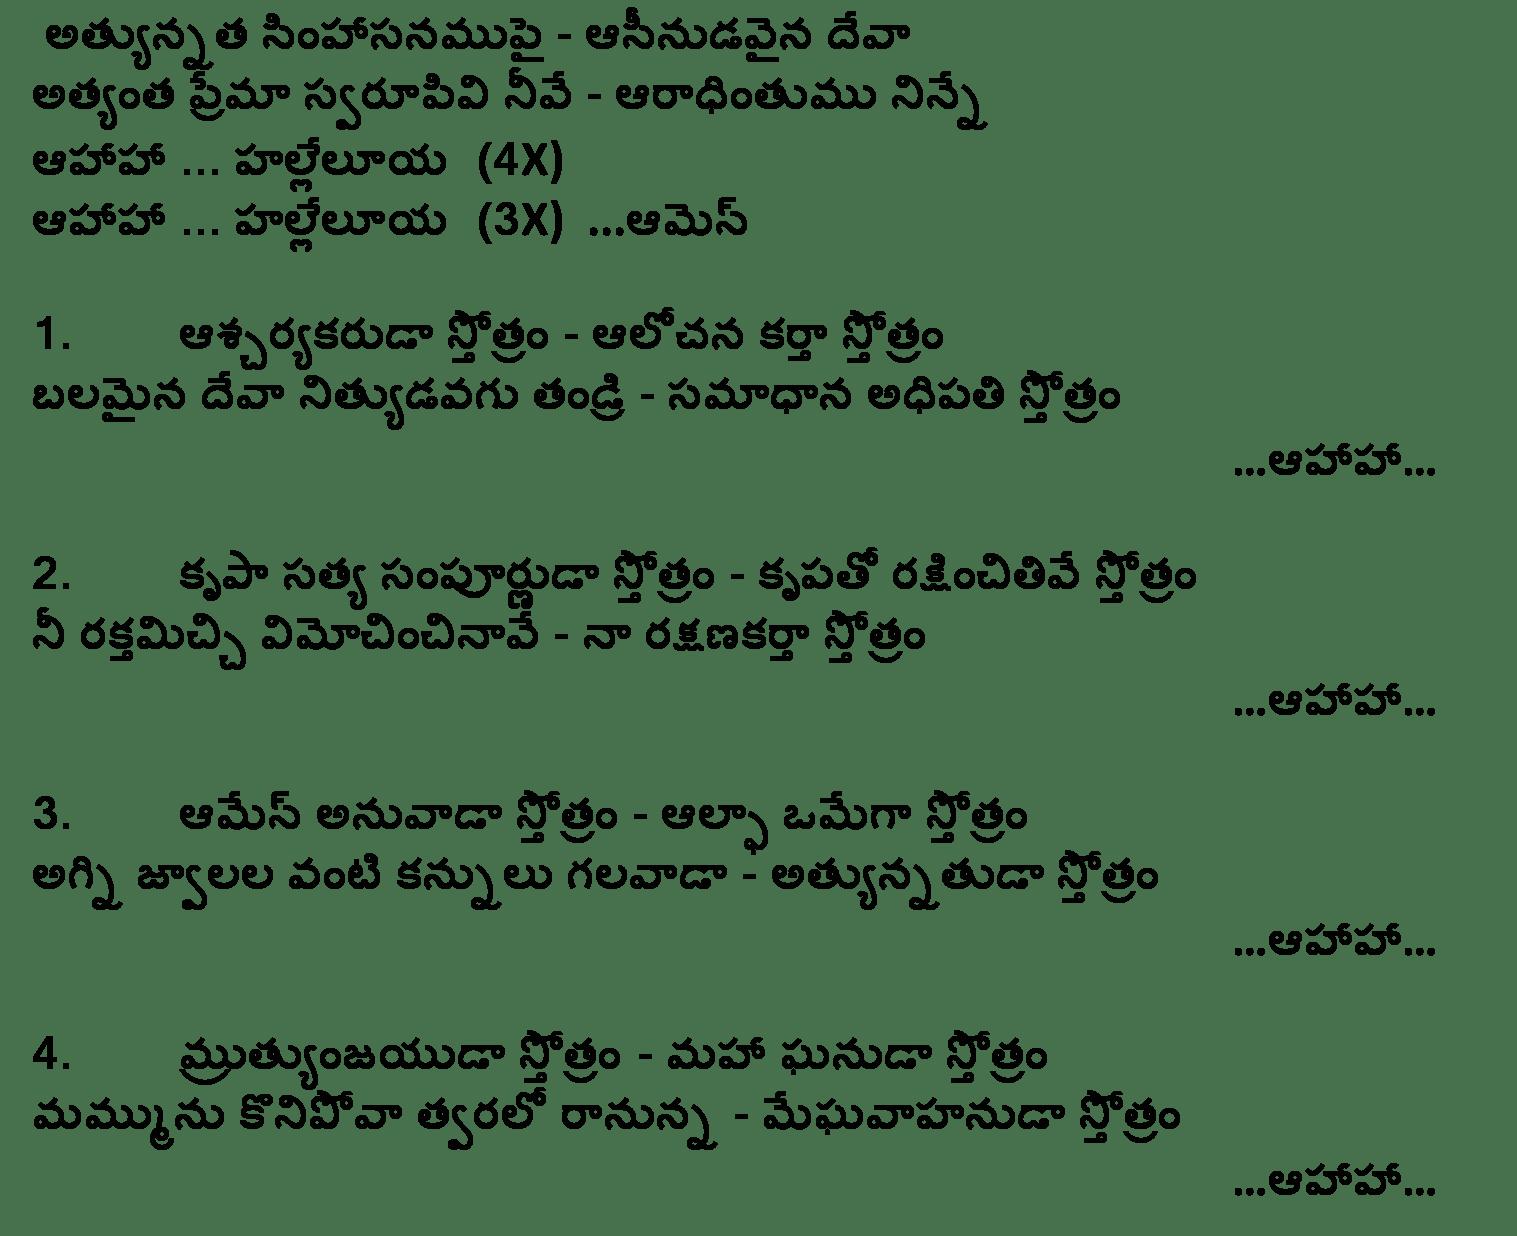 gods kingdom ministries athyunnatha simhasanamu pai telugu lyrics